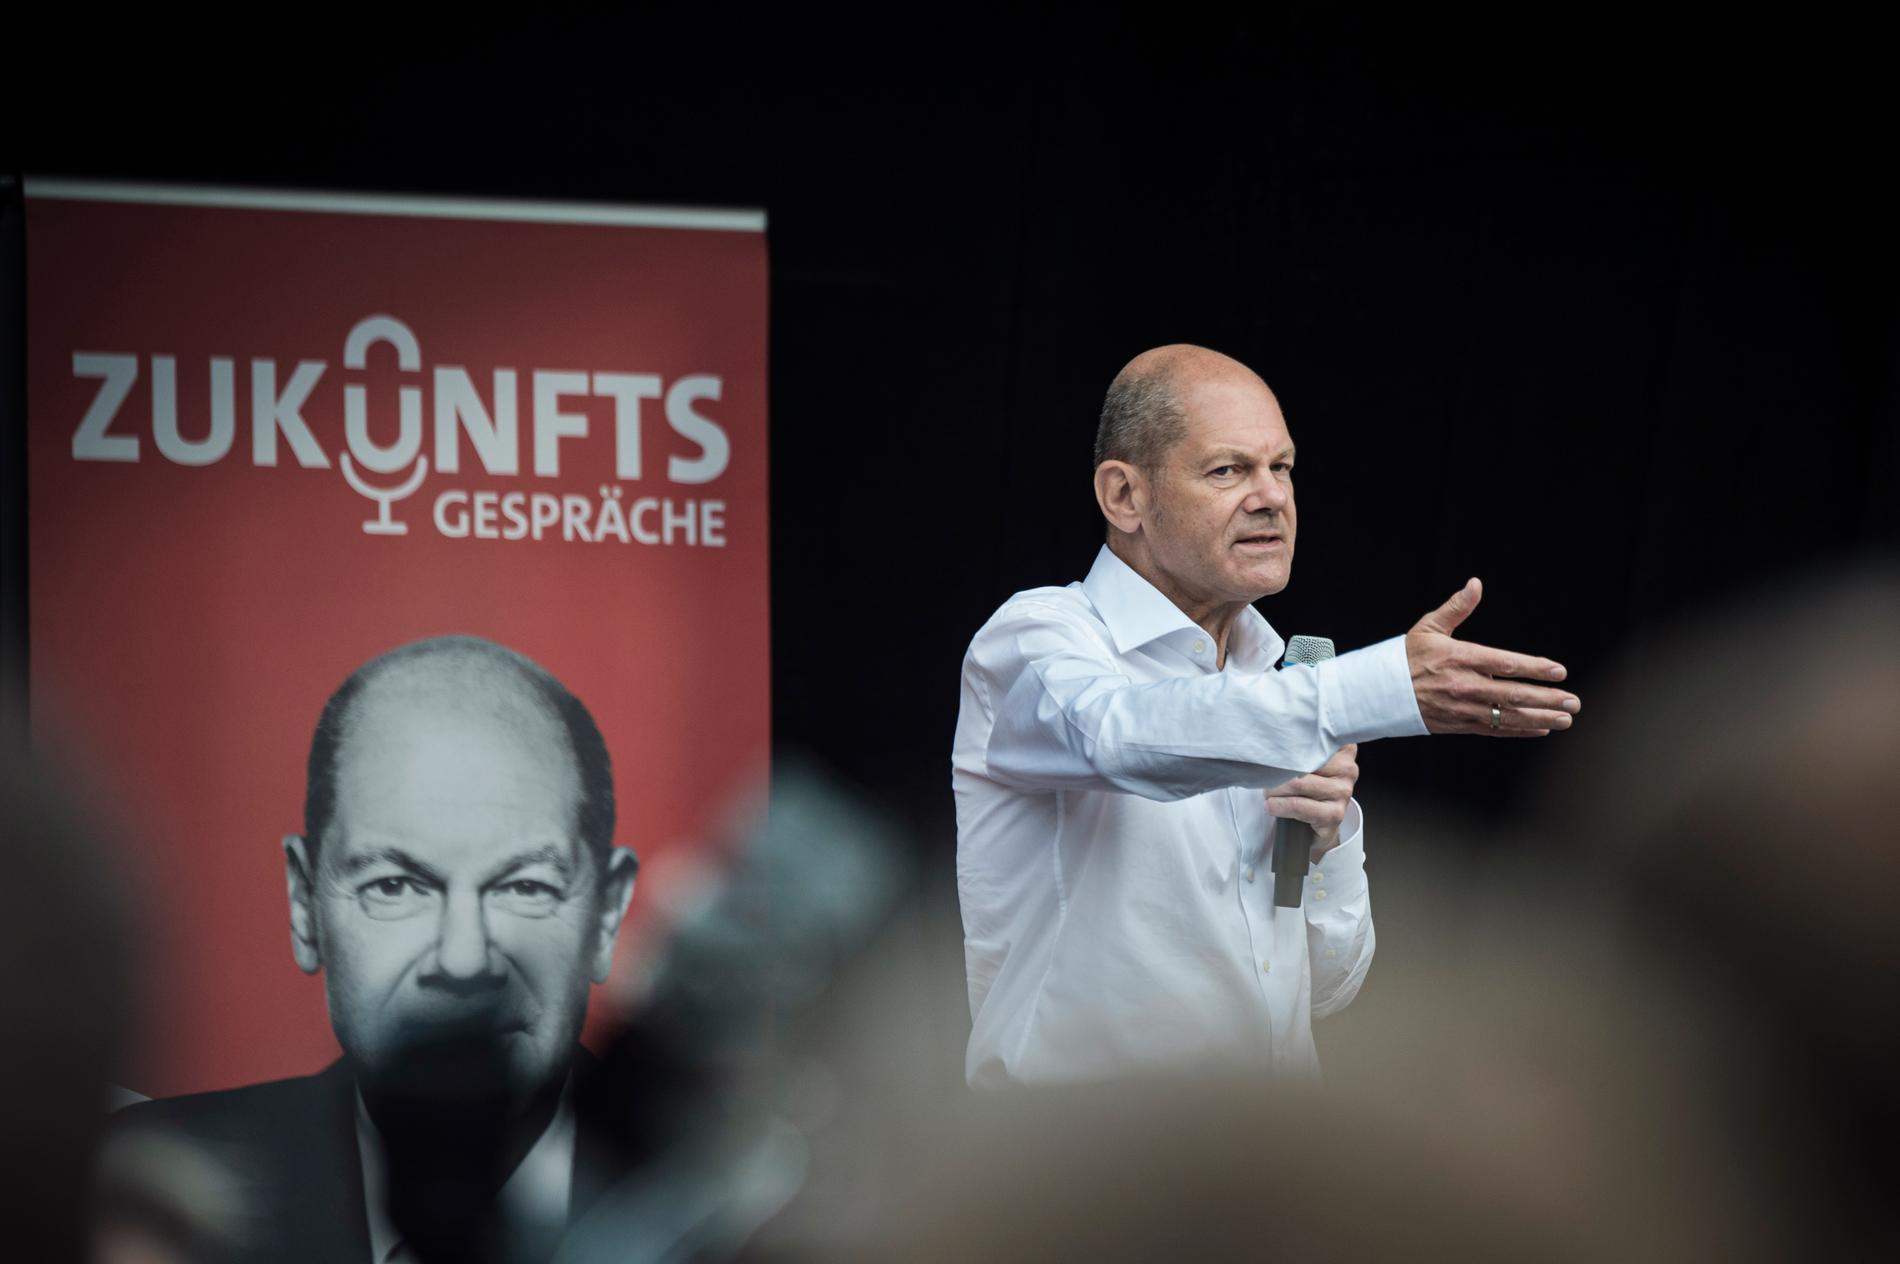 SPD:s Olaf Scholz kan bli Tysklands nästa förbundskansler.